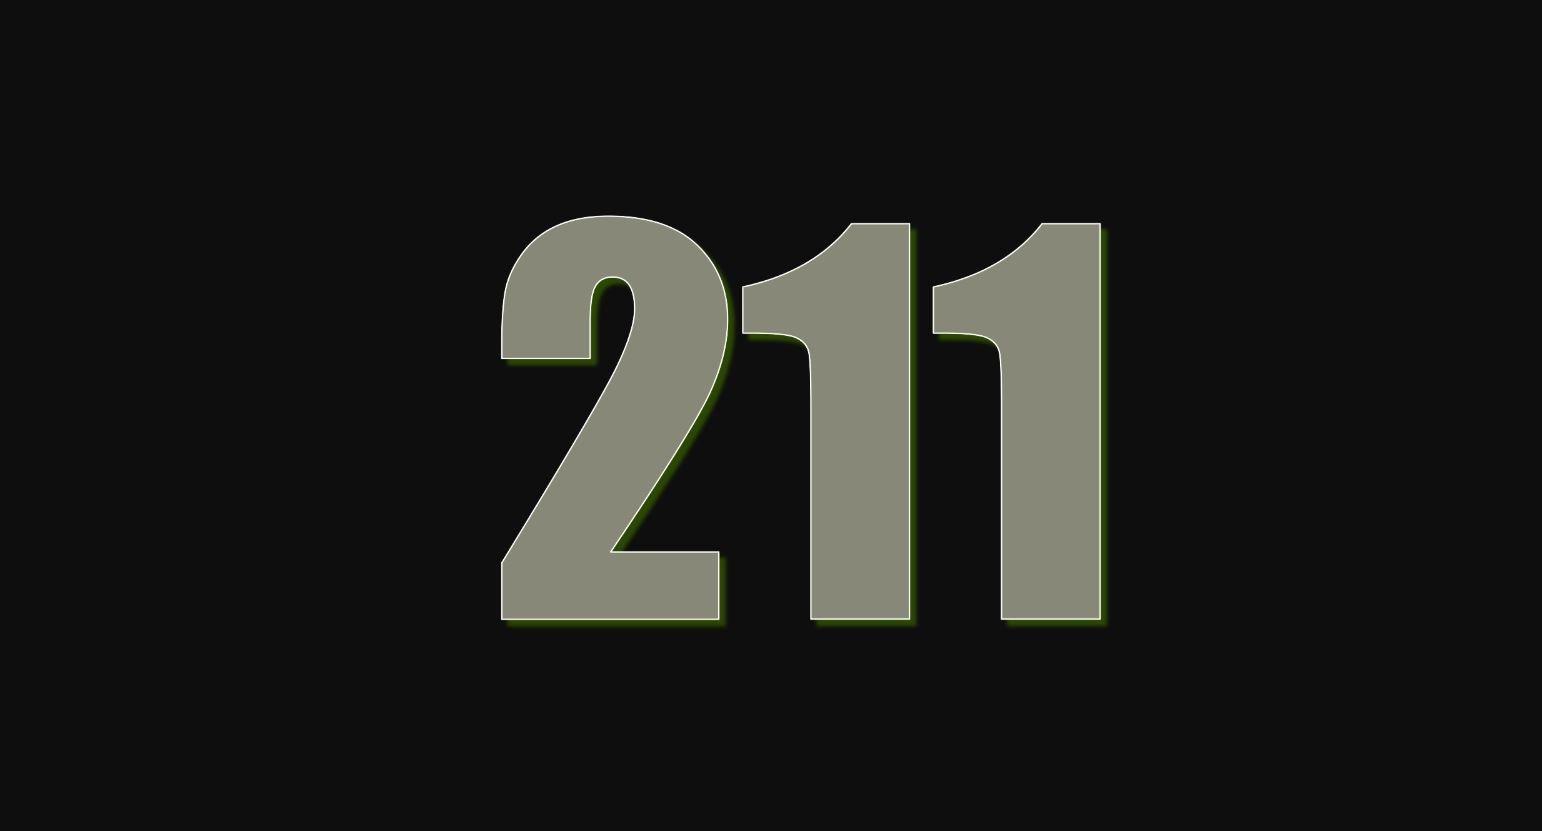 Il significato del numero 211